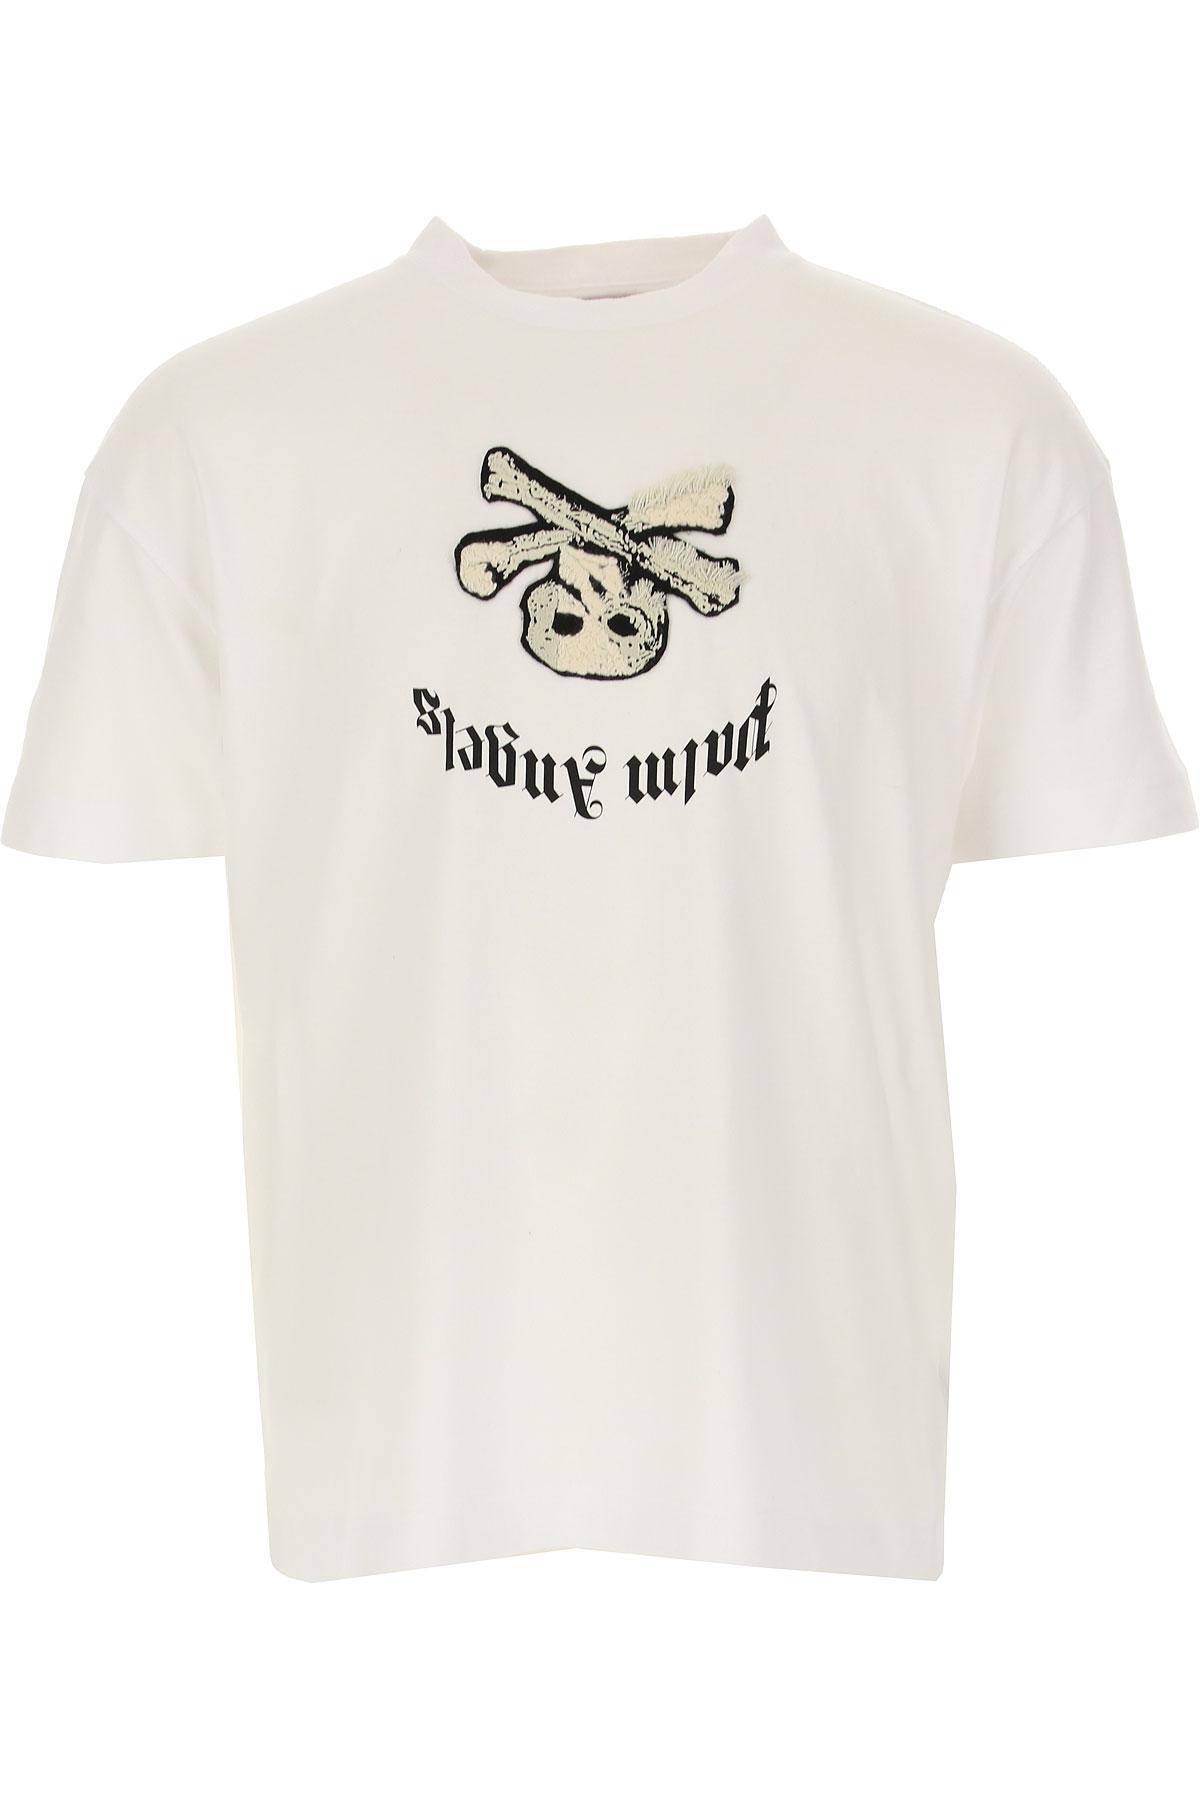 Palm Angels T-shirt Homme Pas cher en Soldes, Blanc, Coton, 2017, M S